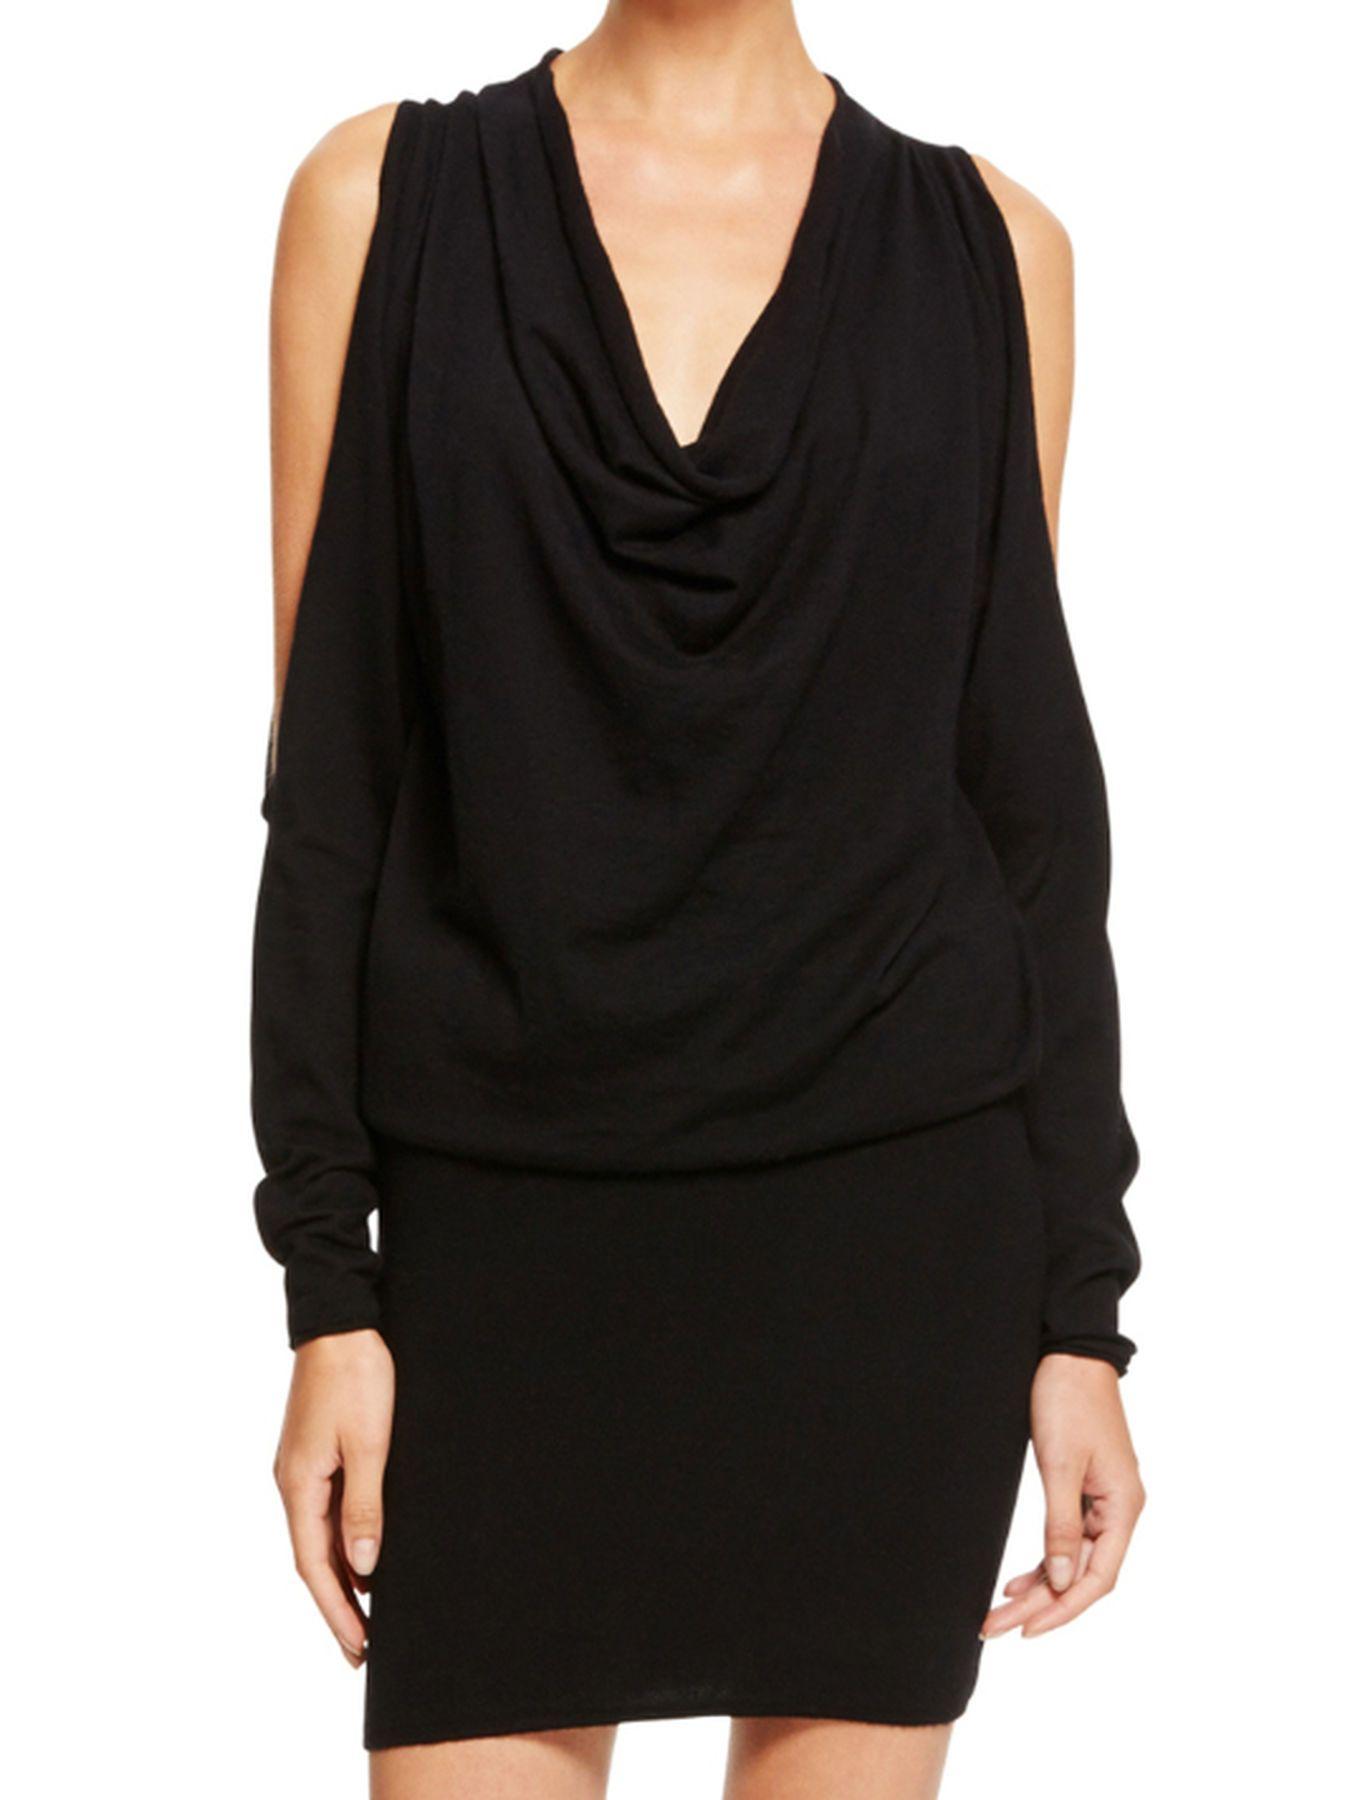 Donna Karan cold shoulder sleeved black dress